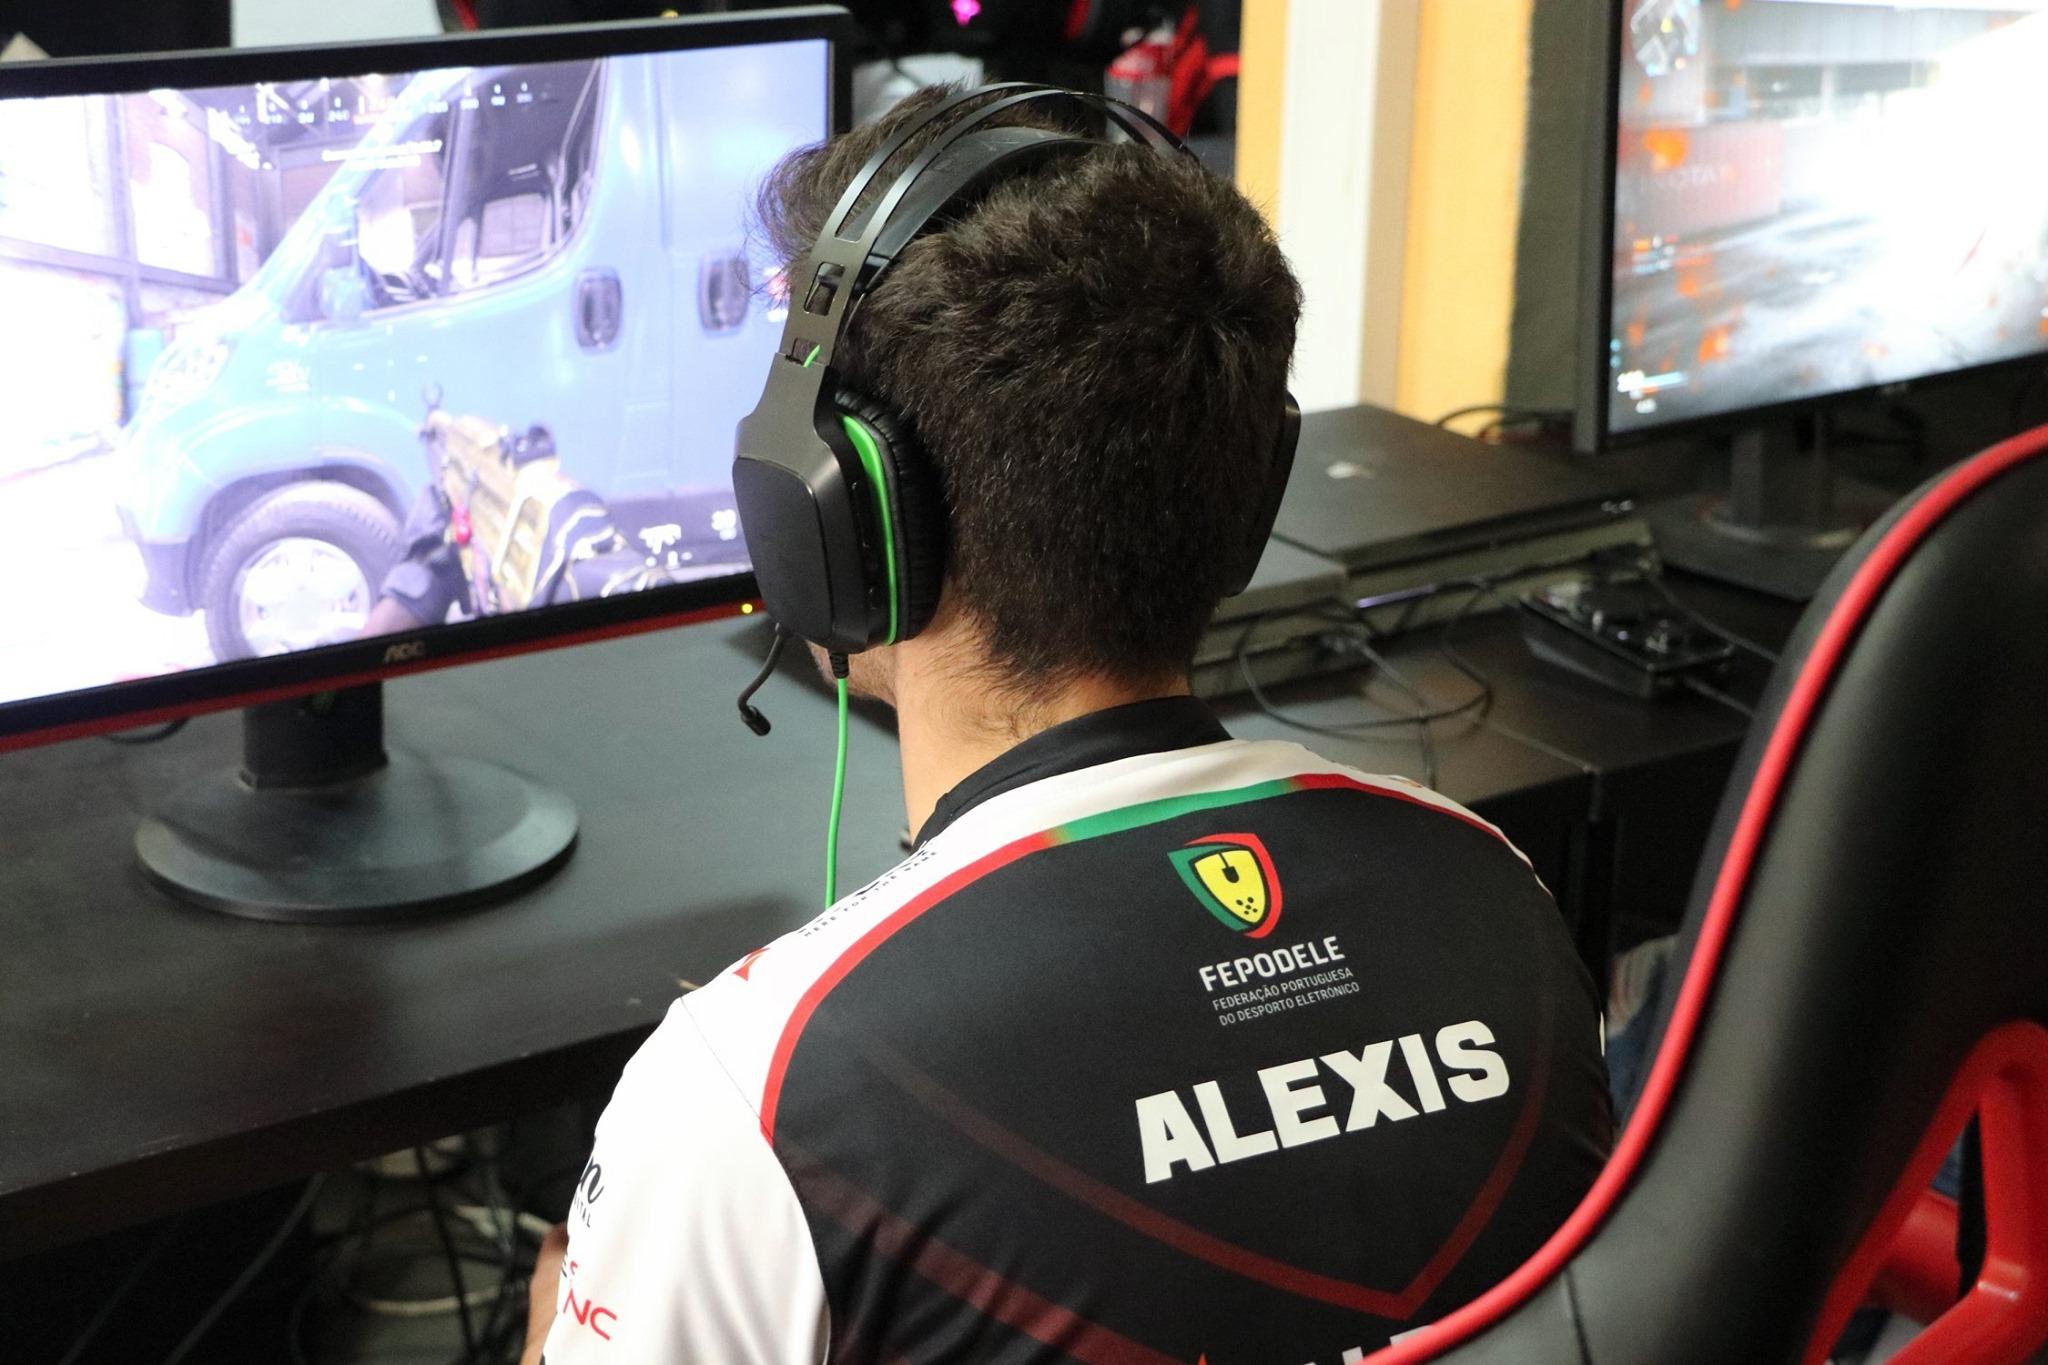 Gargula Gaming